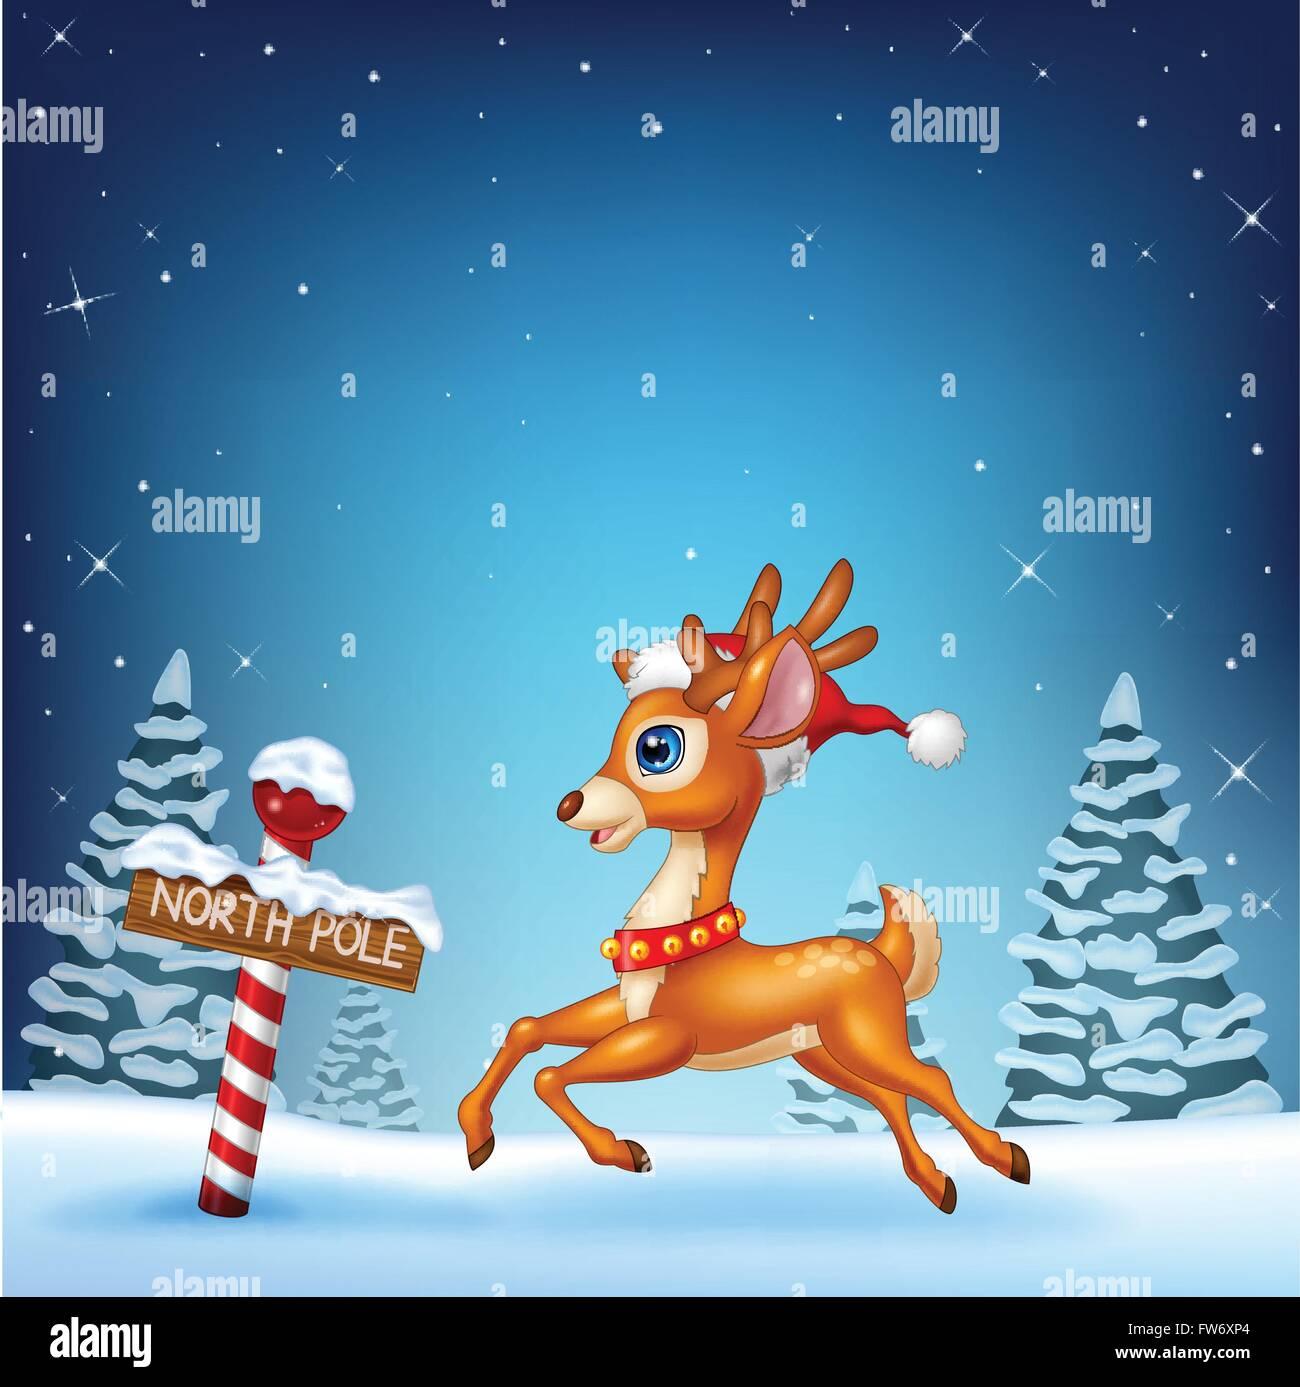 Lindo bebé ciervos corriendo con un polo norte cartel de madera Imagen De  Stock 8eddafc260e